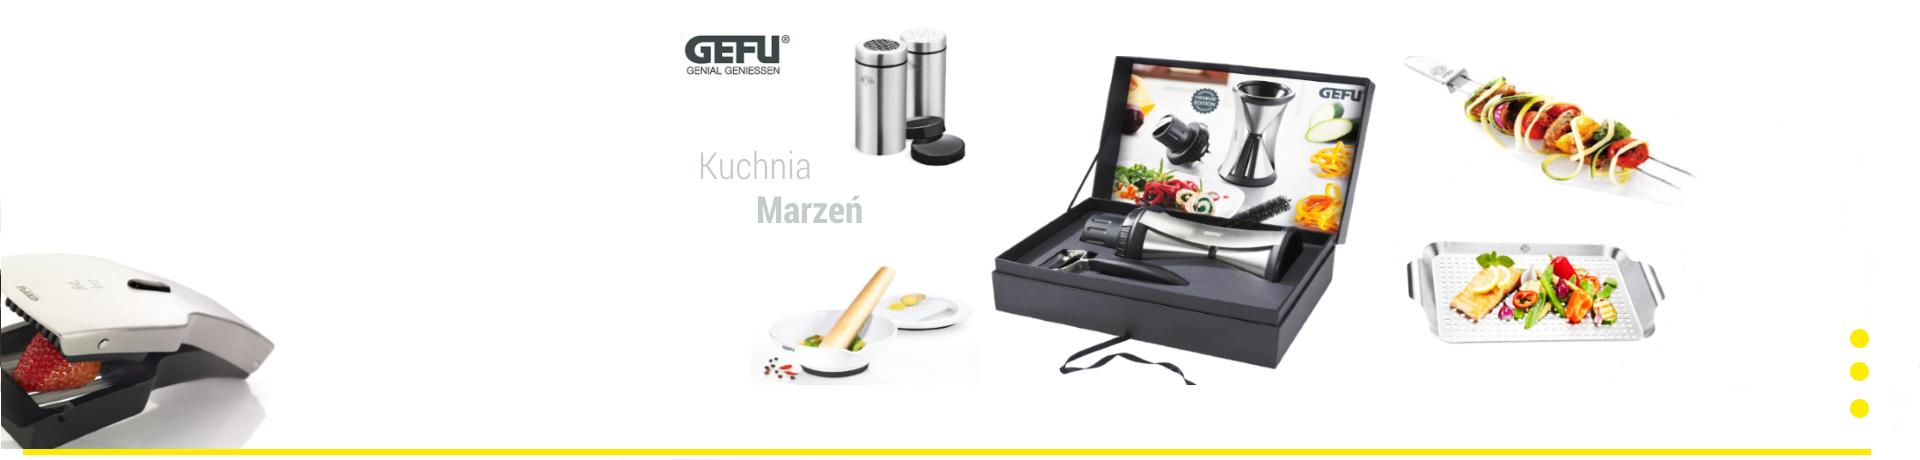 Kuchnia & Design